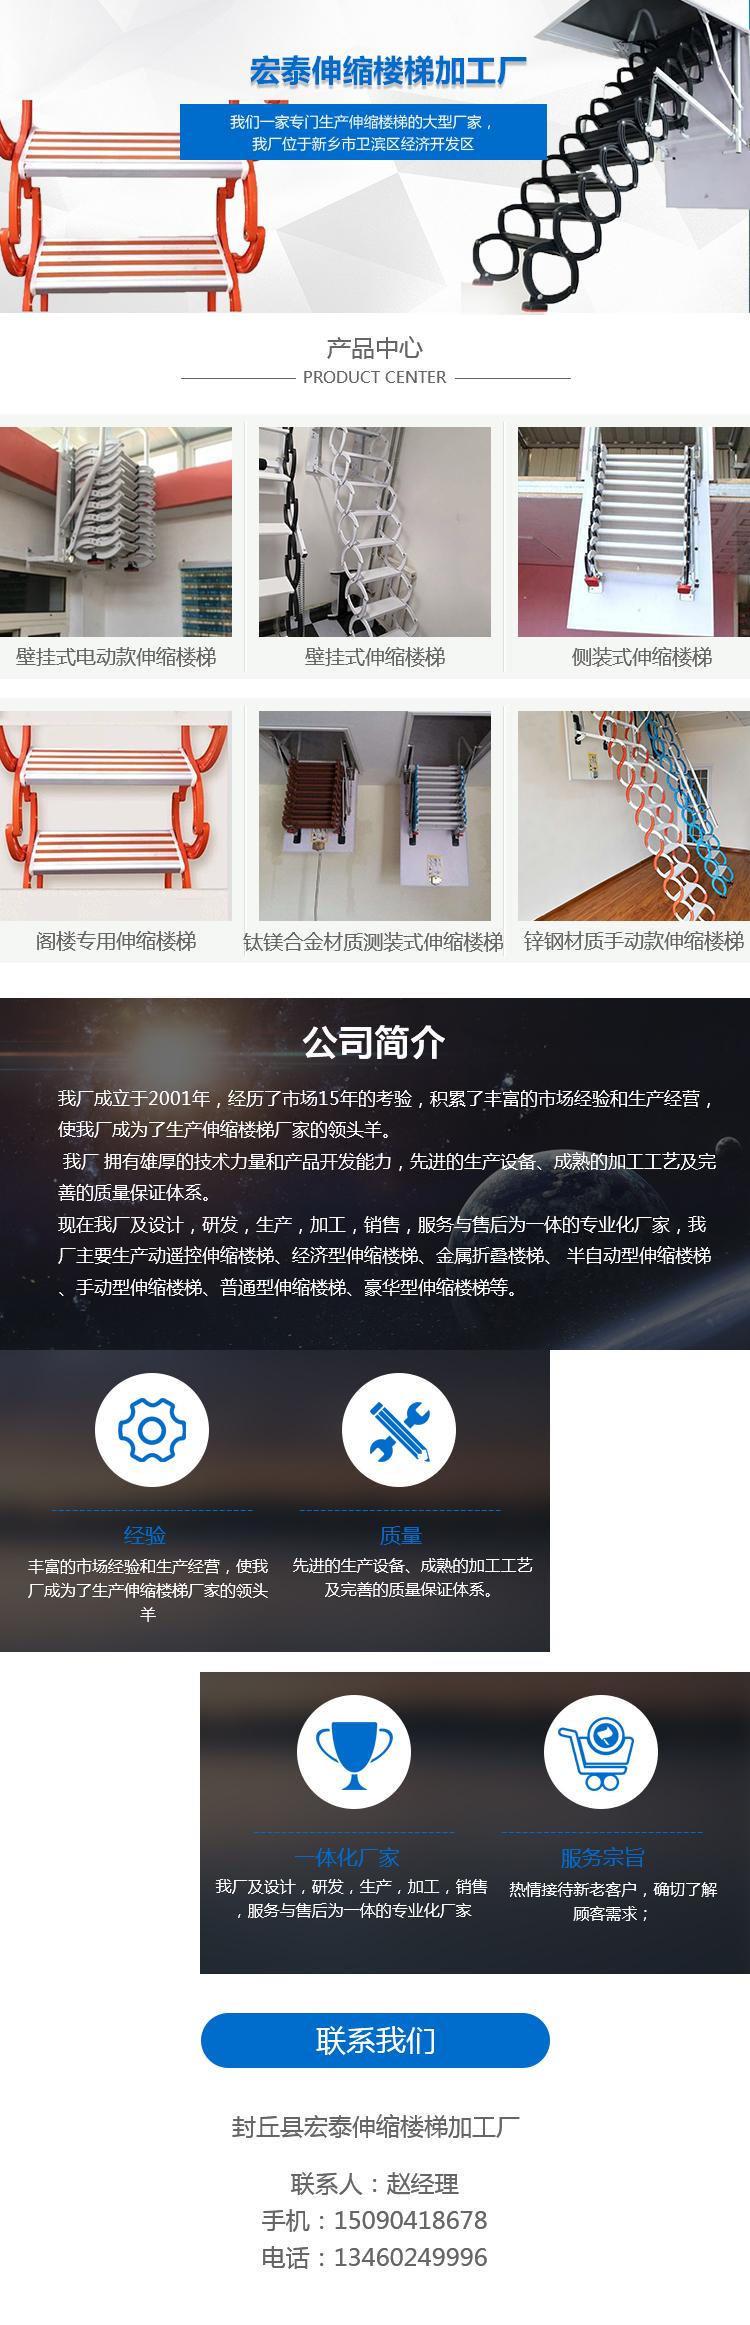 宏泰-+內頁.jpg